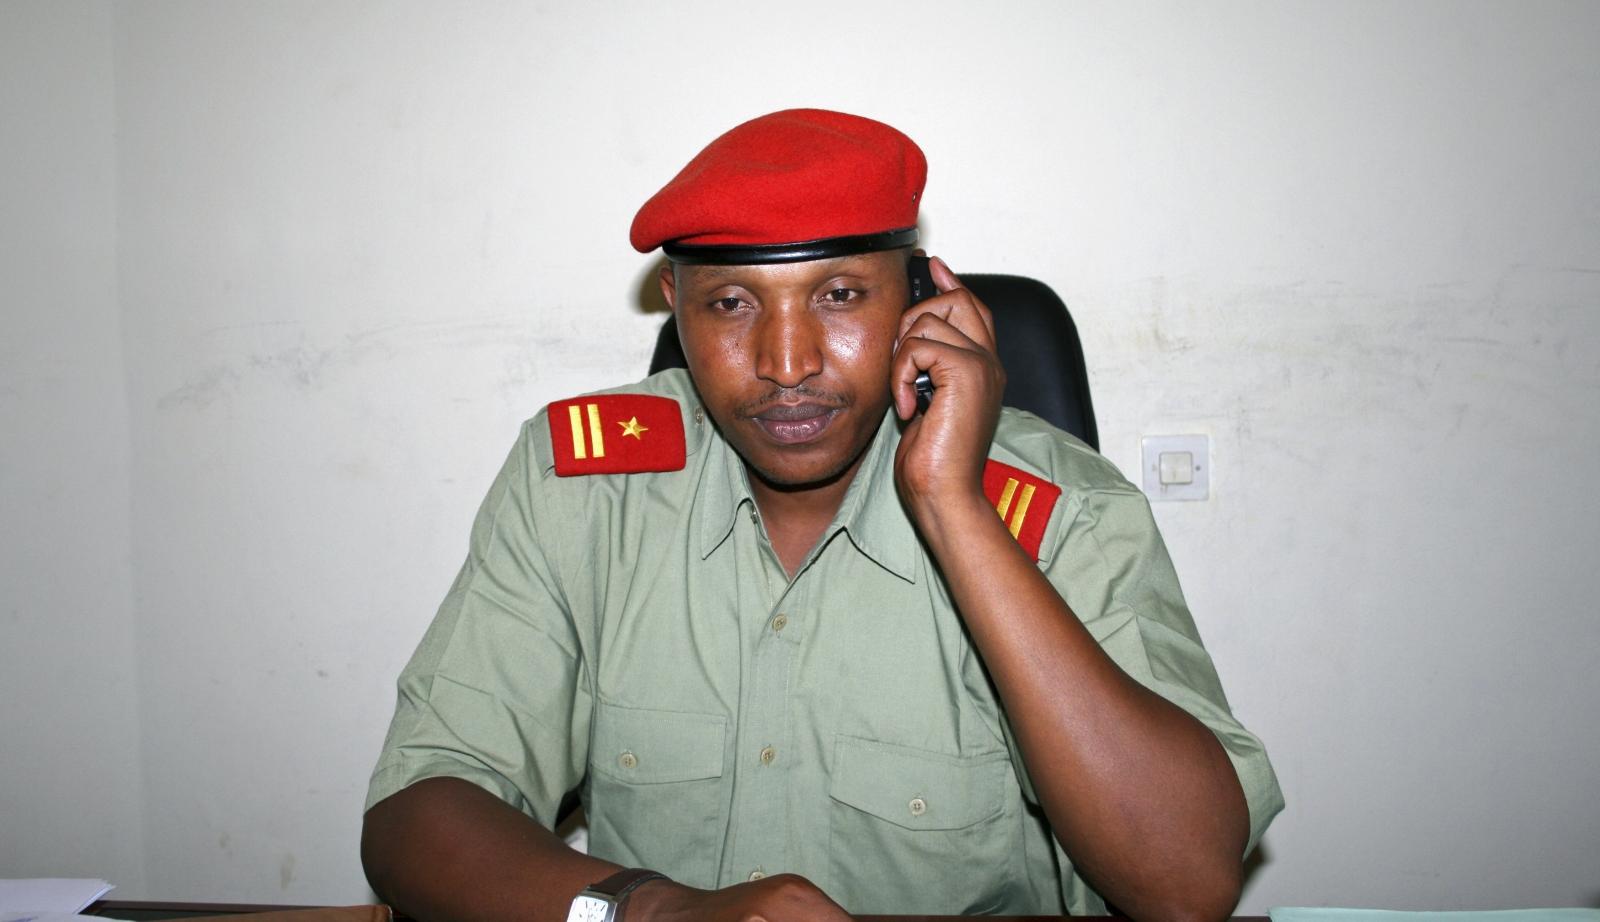 Congo rebel leader Bosco Ntaganda